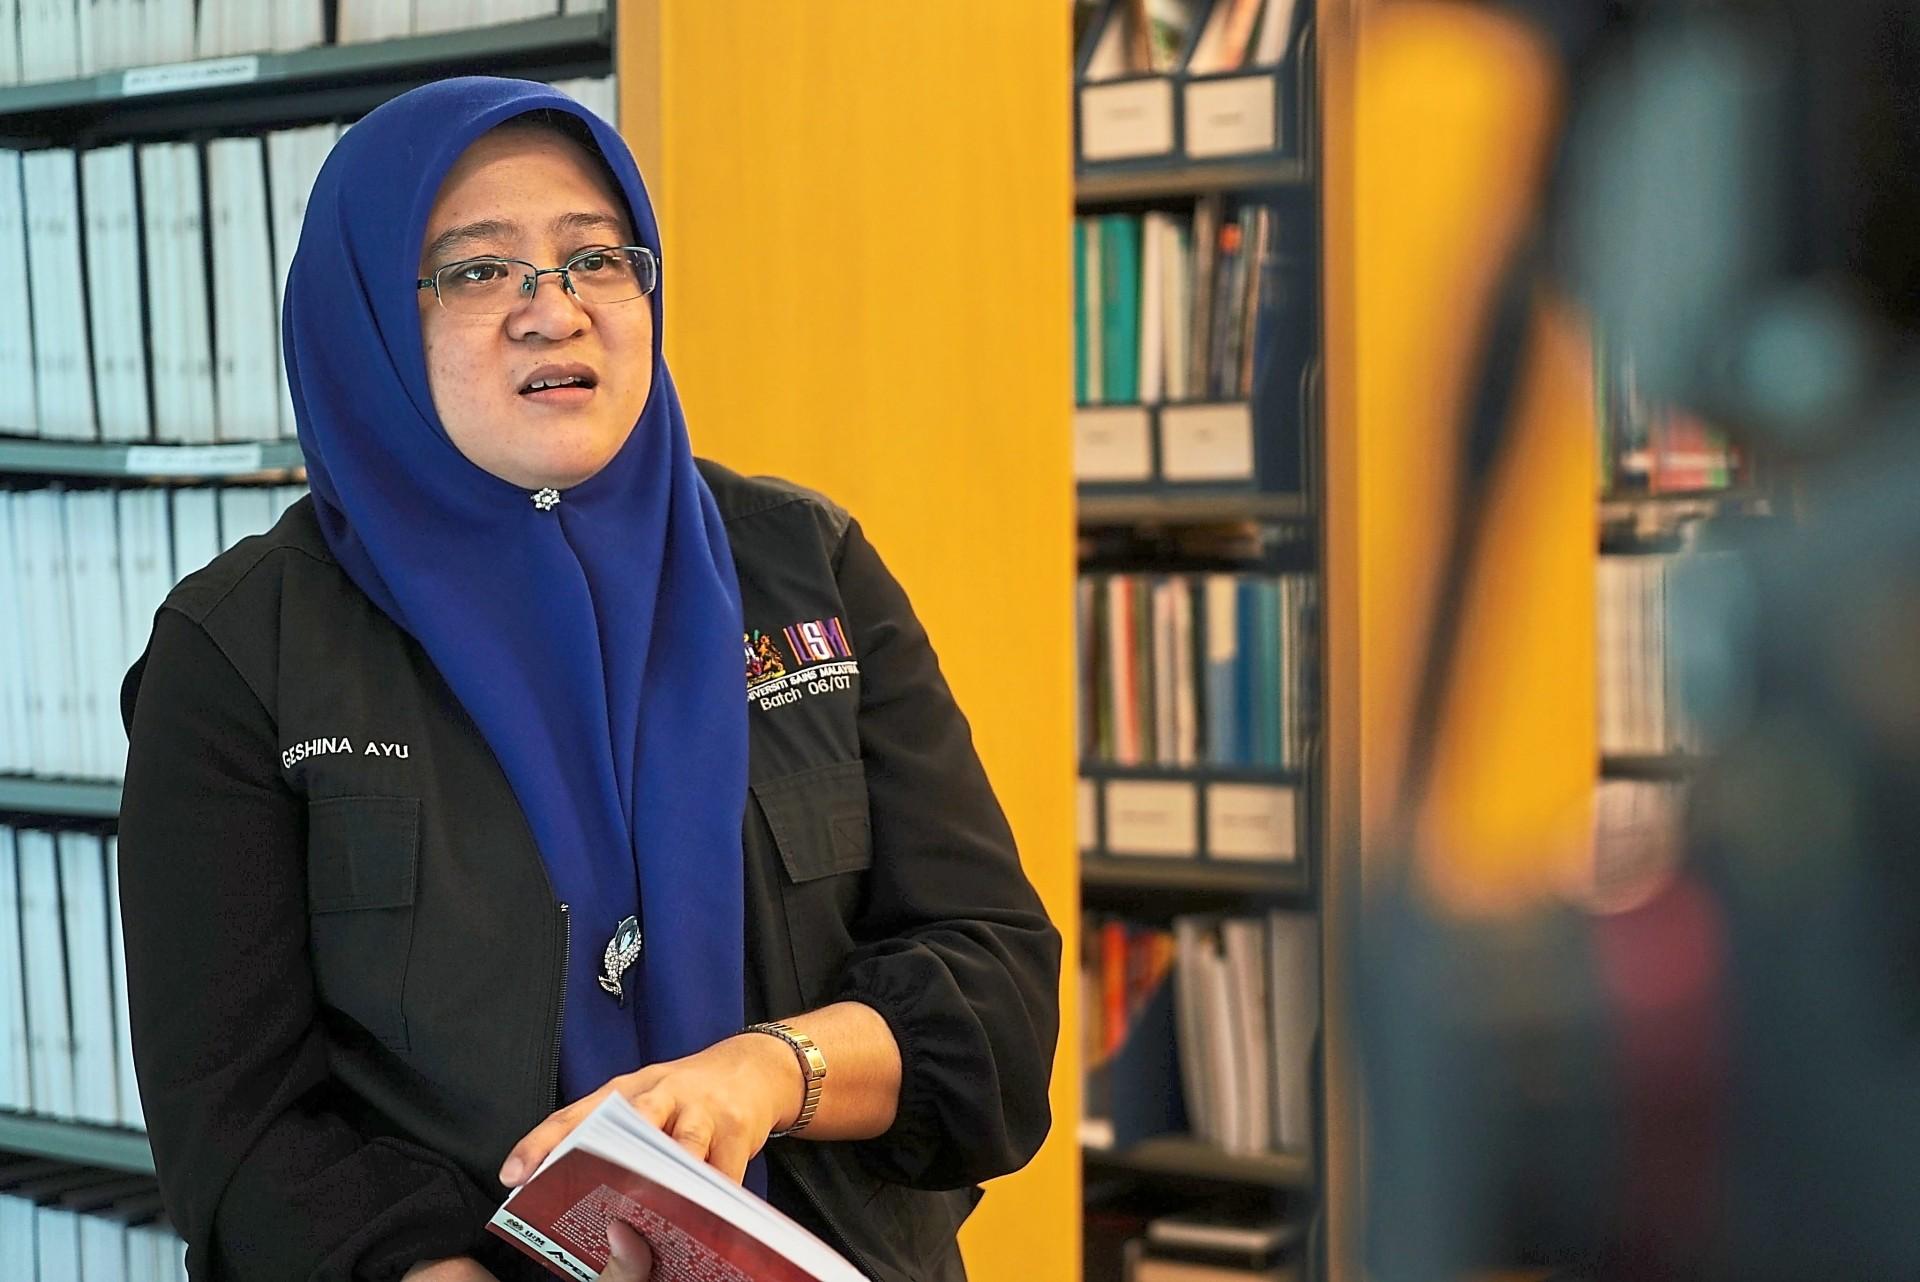 Assoc Prof Dr Geshina Ayu Mat Saat